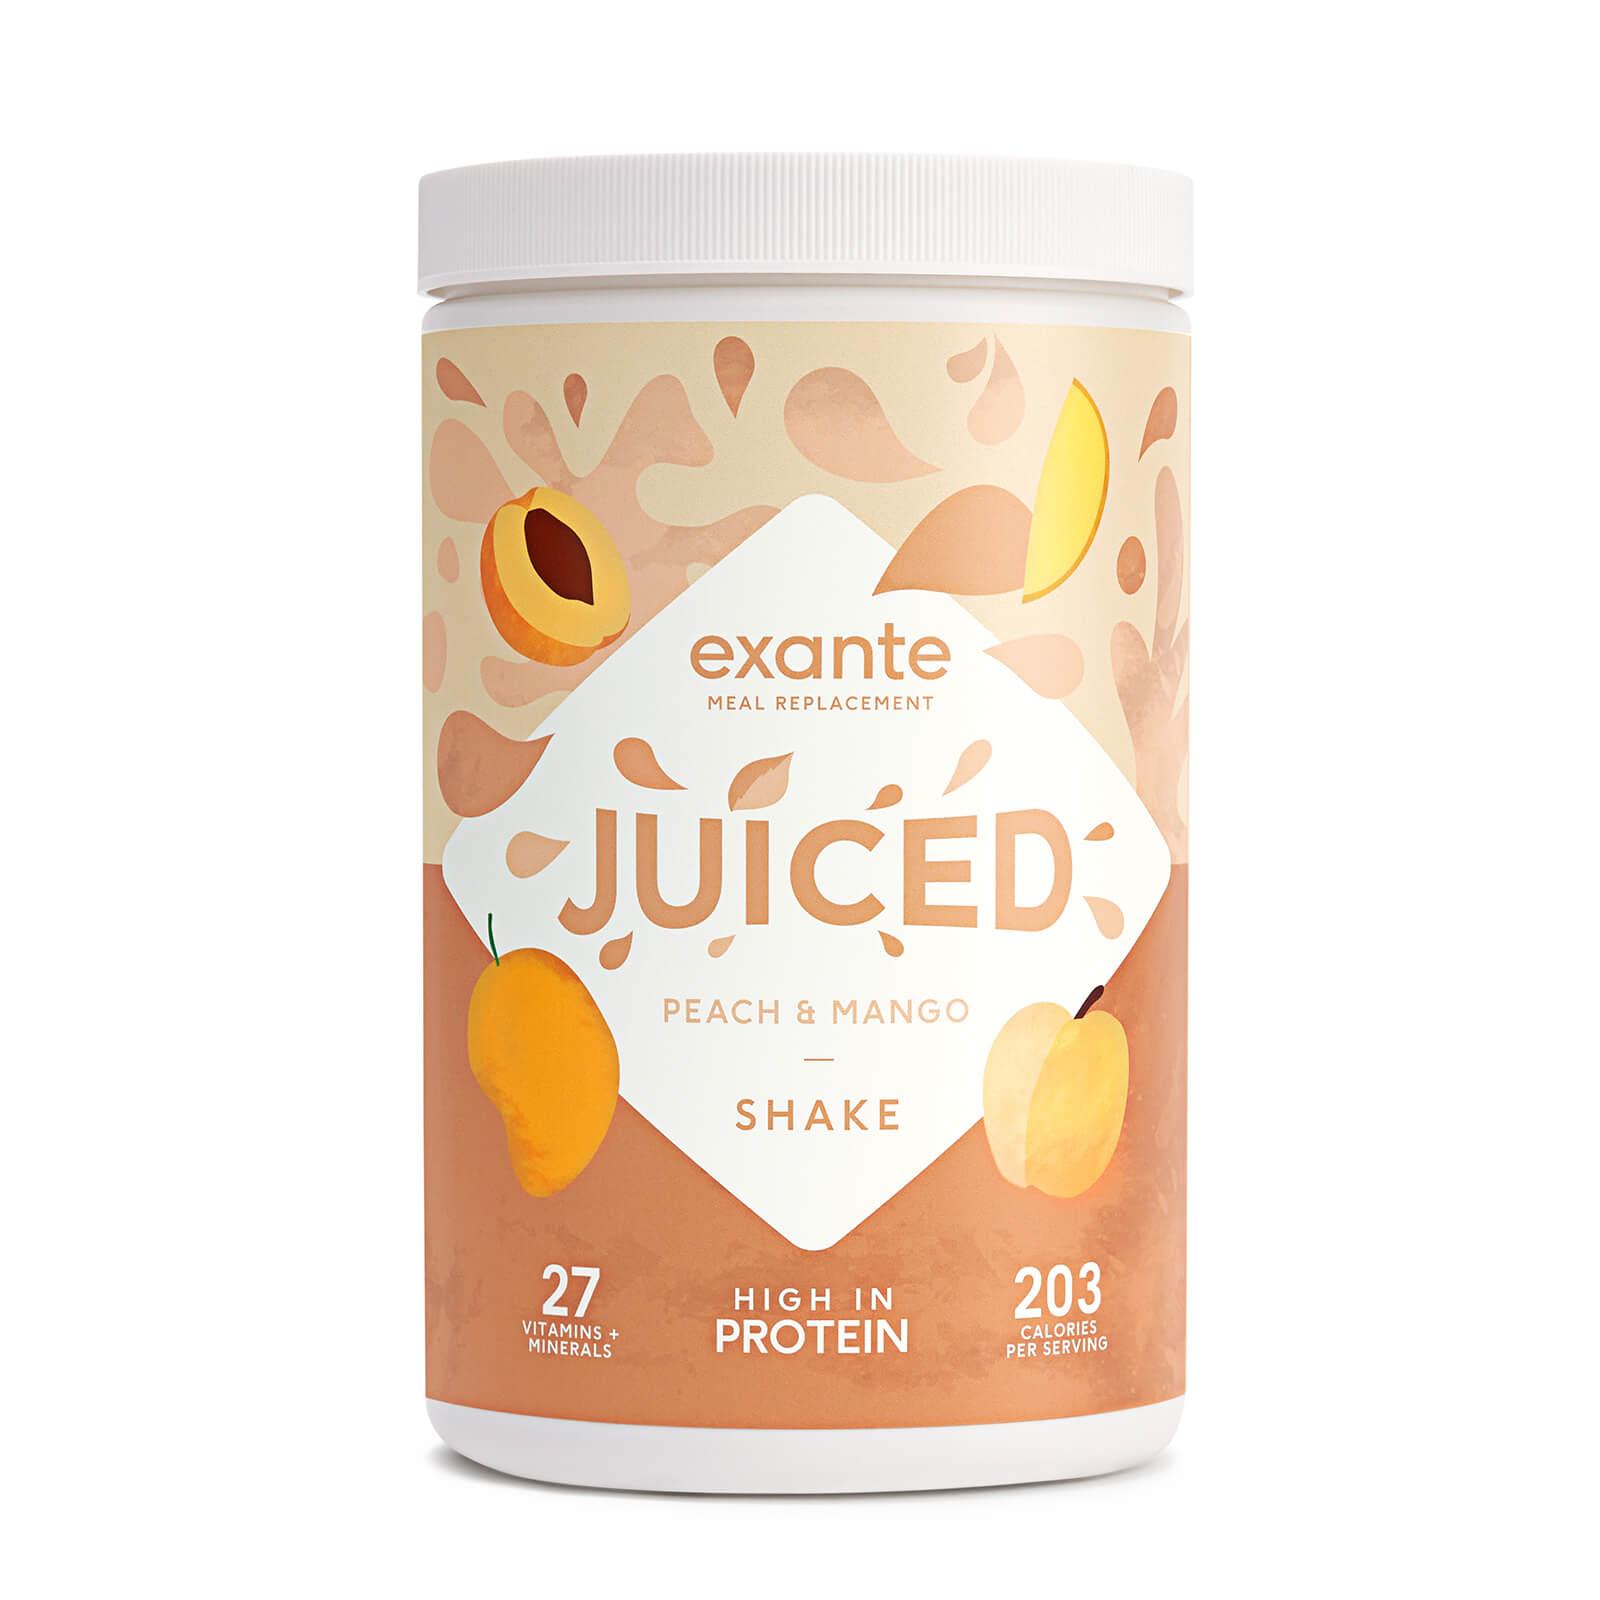 JUICED Pfirsich & Mango - 10 Portionen